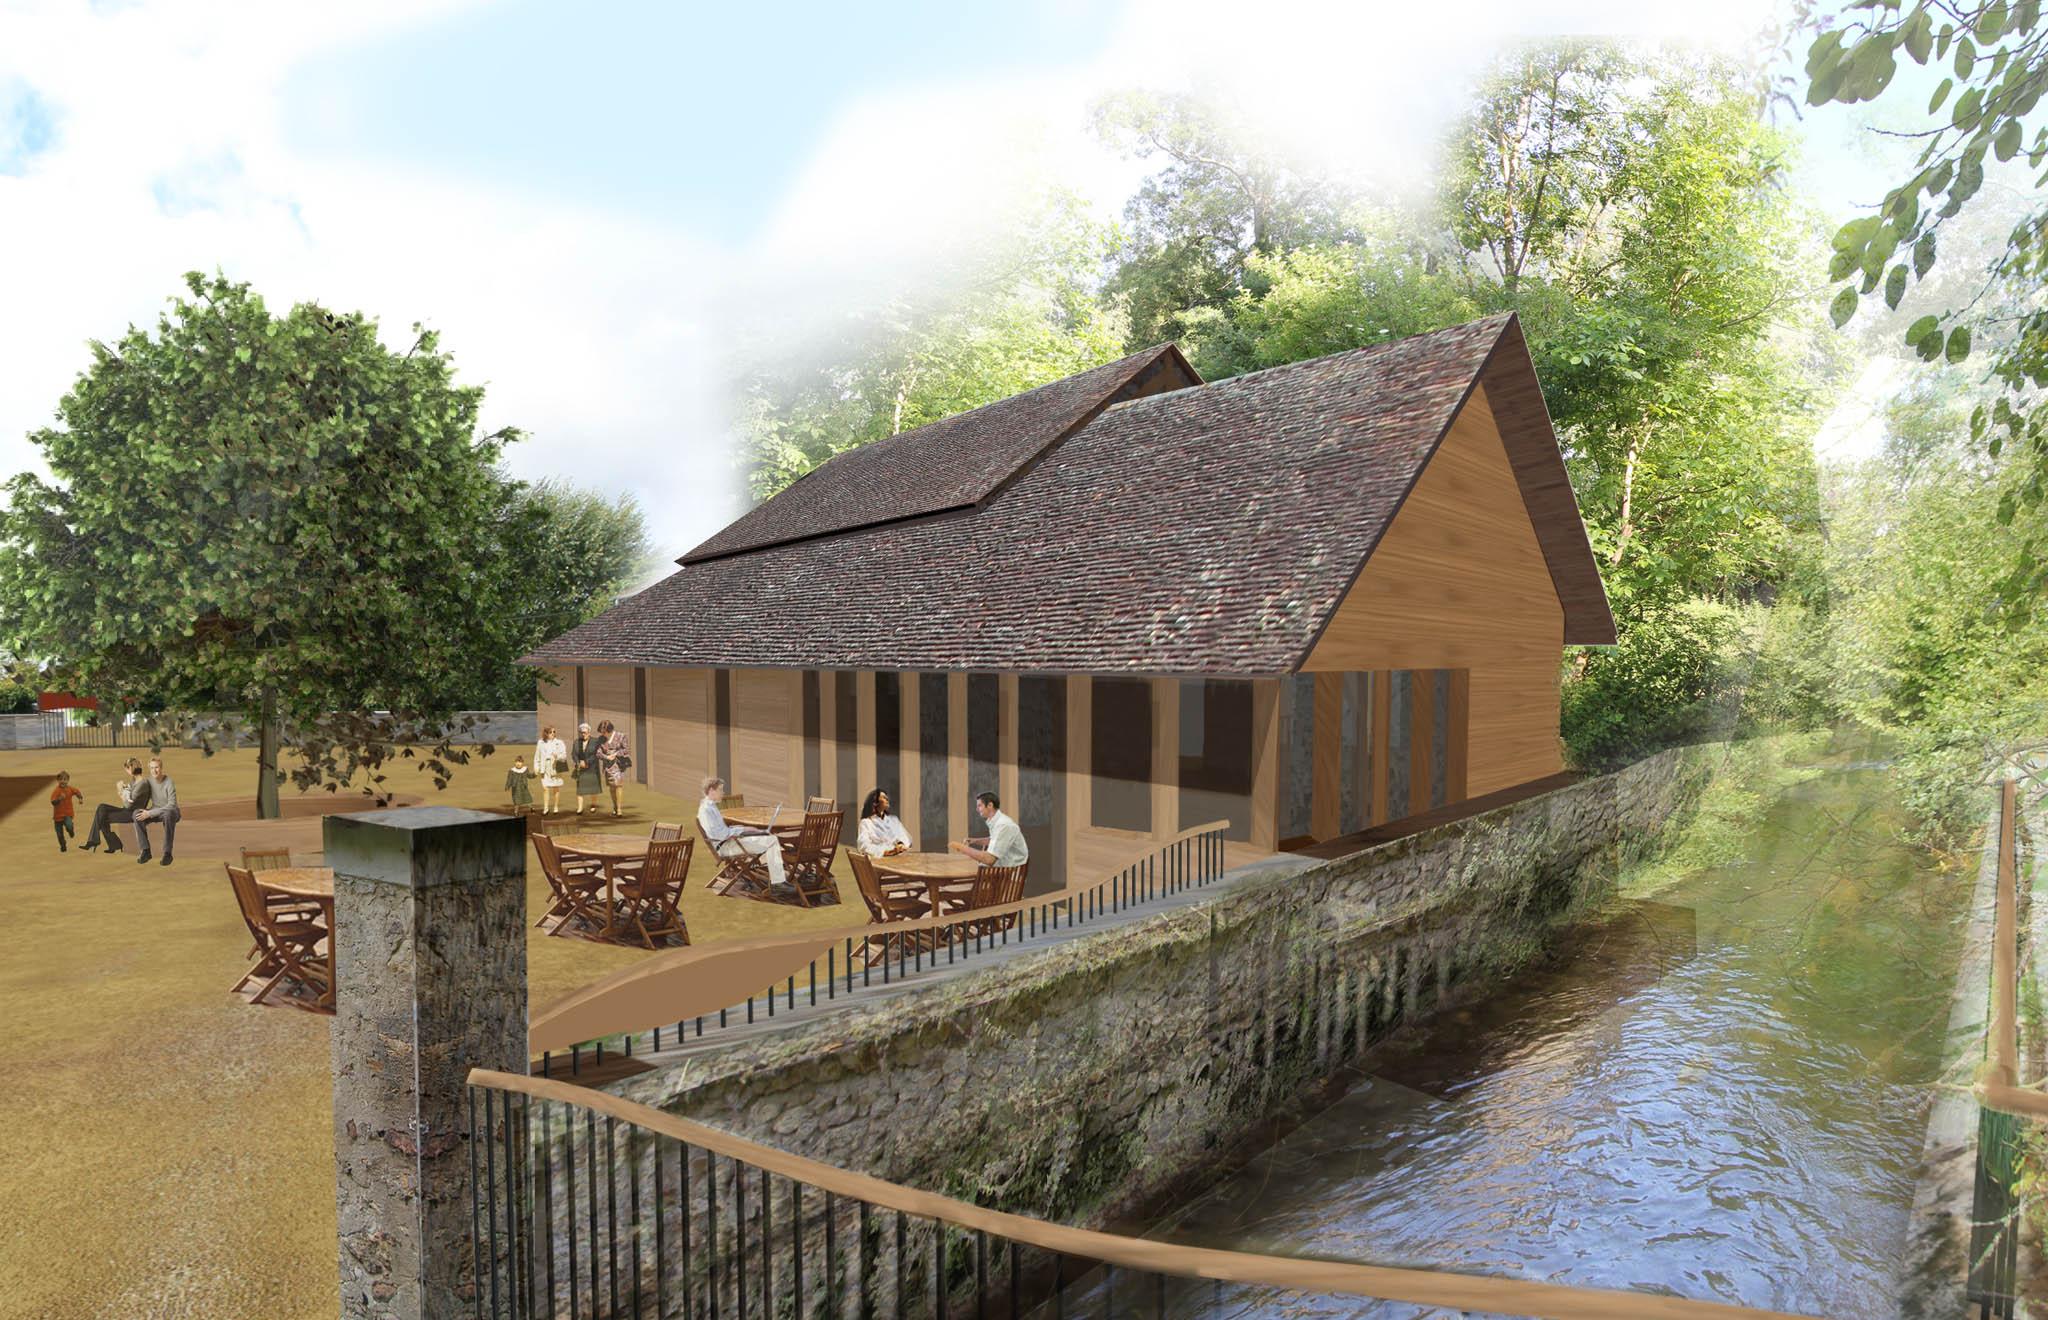 maskarade-architecture-agricole-revalorisation-restaurant-visite-site-moulin-eau